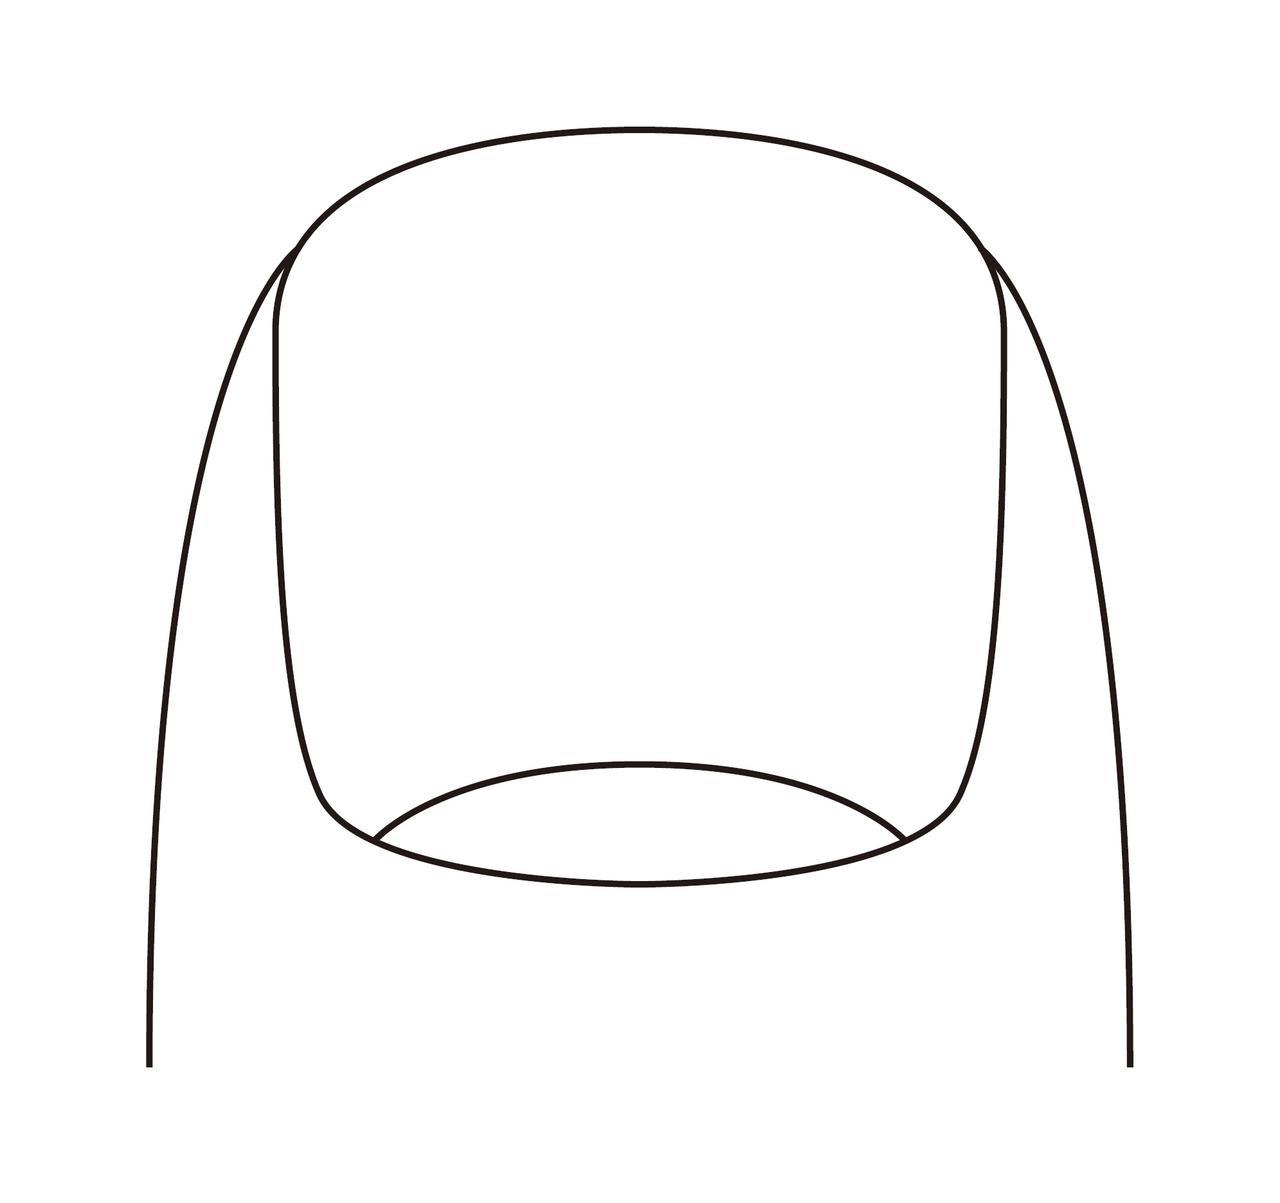 画像2: Q.どんな形に切るのがいい?